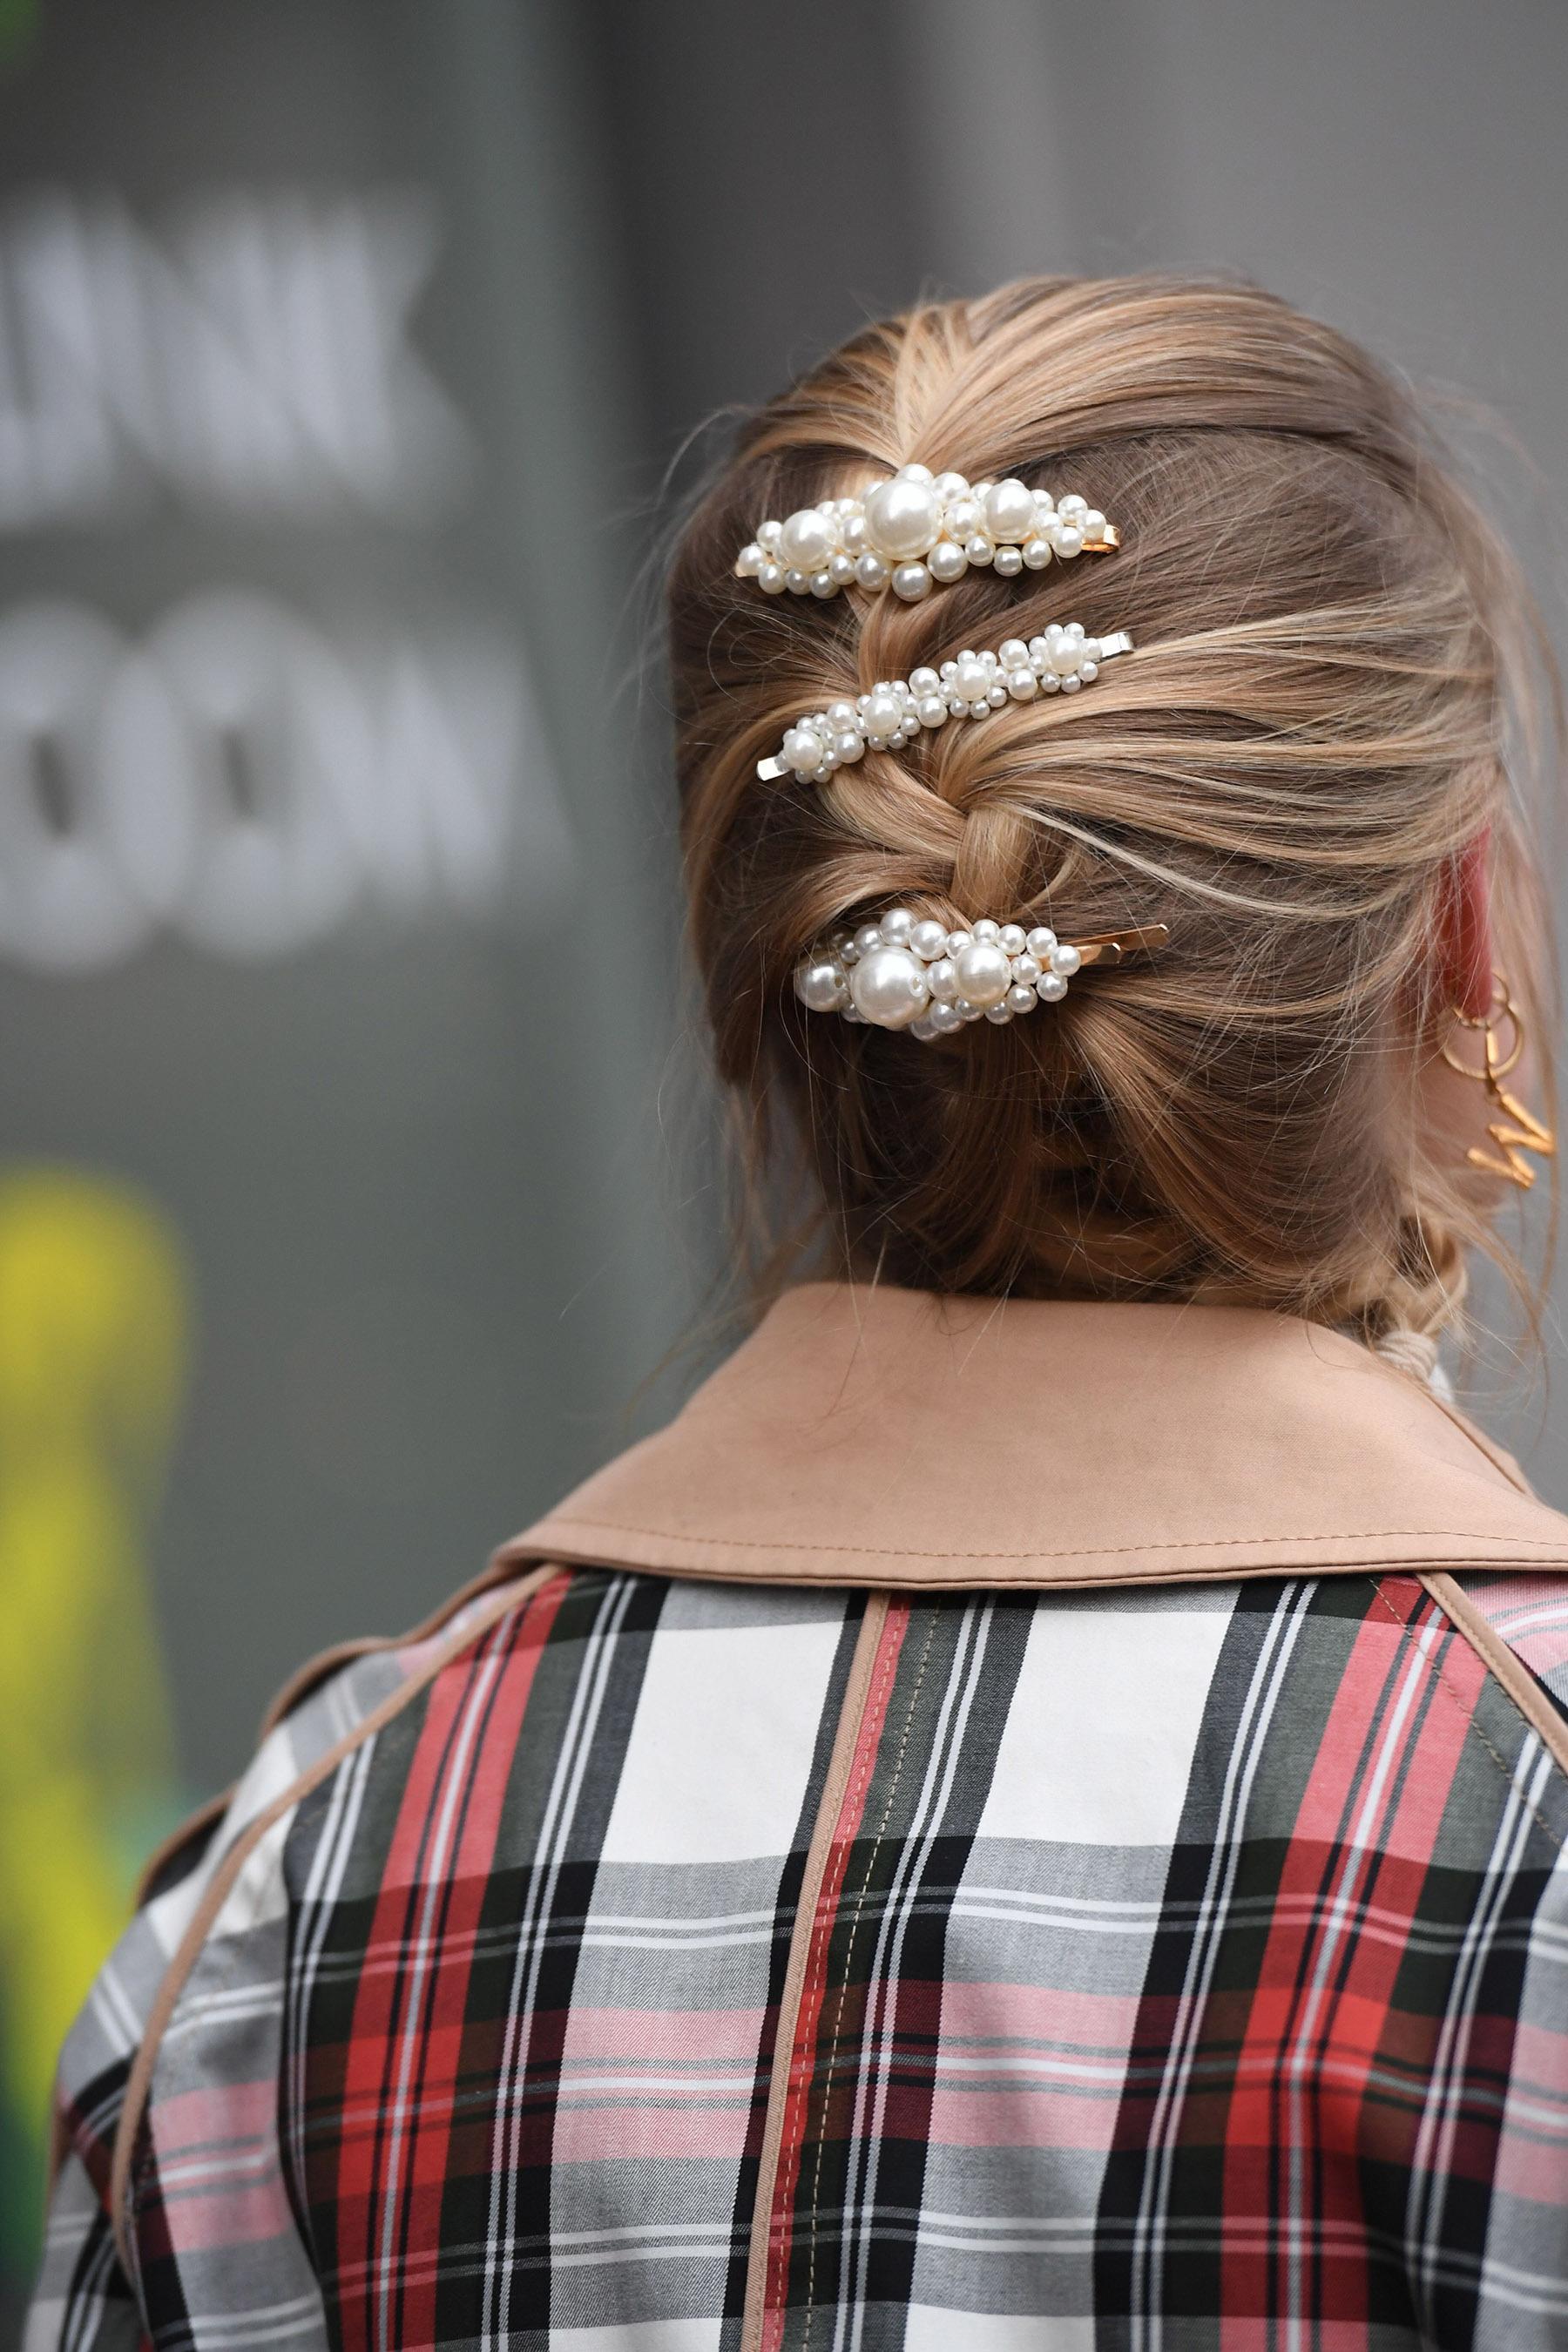 Mujer con peinado recogido y hebillas con perlas